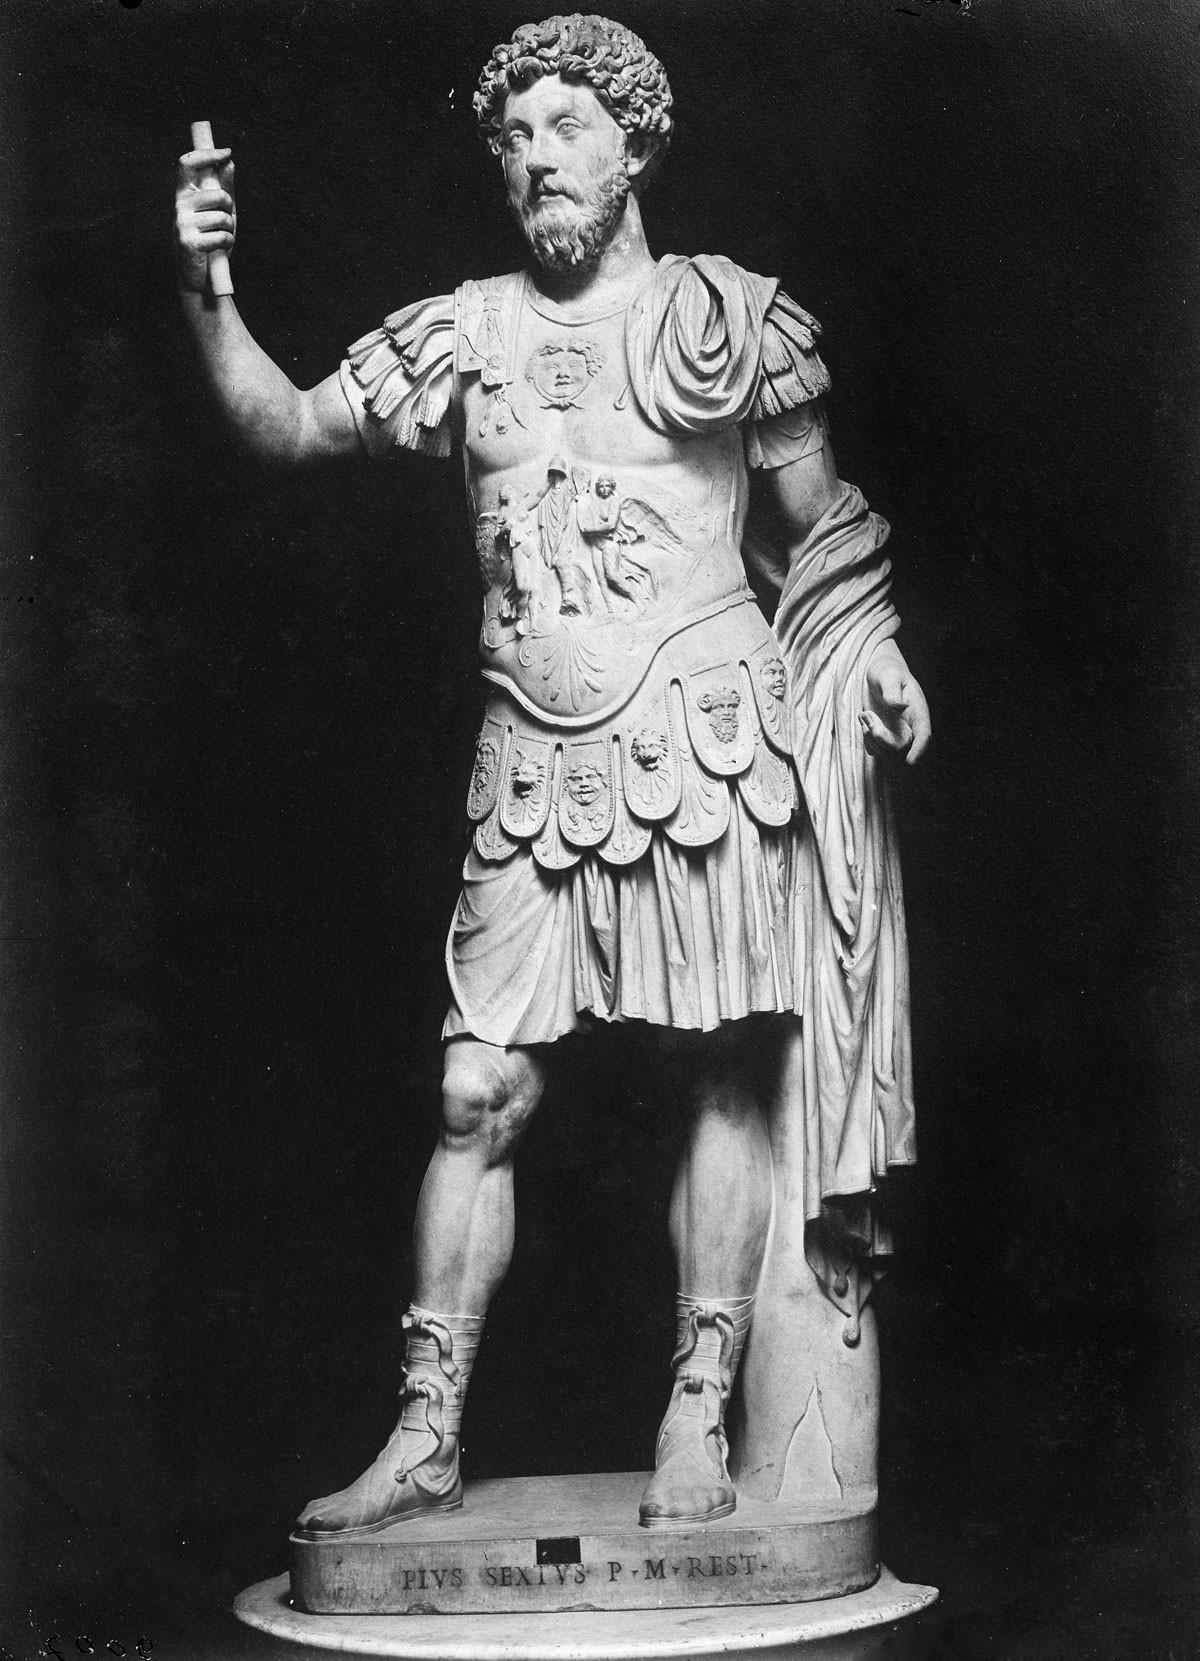 Nem rekonstruálható annak menete, hogy a rómaiak miként  foglalták  el a későbbi Pannónia területét, mindenesetre Augustus császár (képünkön) sokat idézett feliratában már utal a tartományra. A területet korábban a kelták uralták